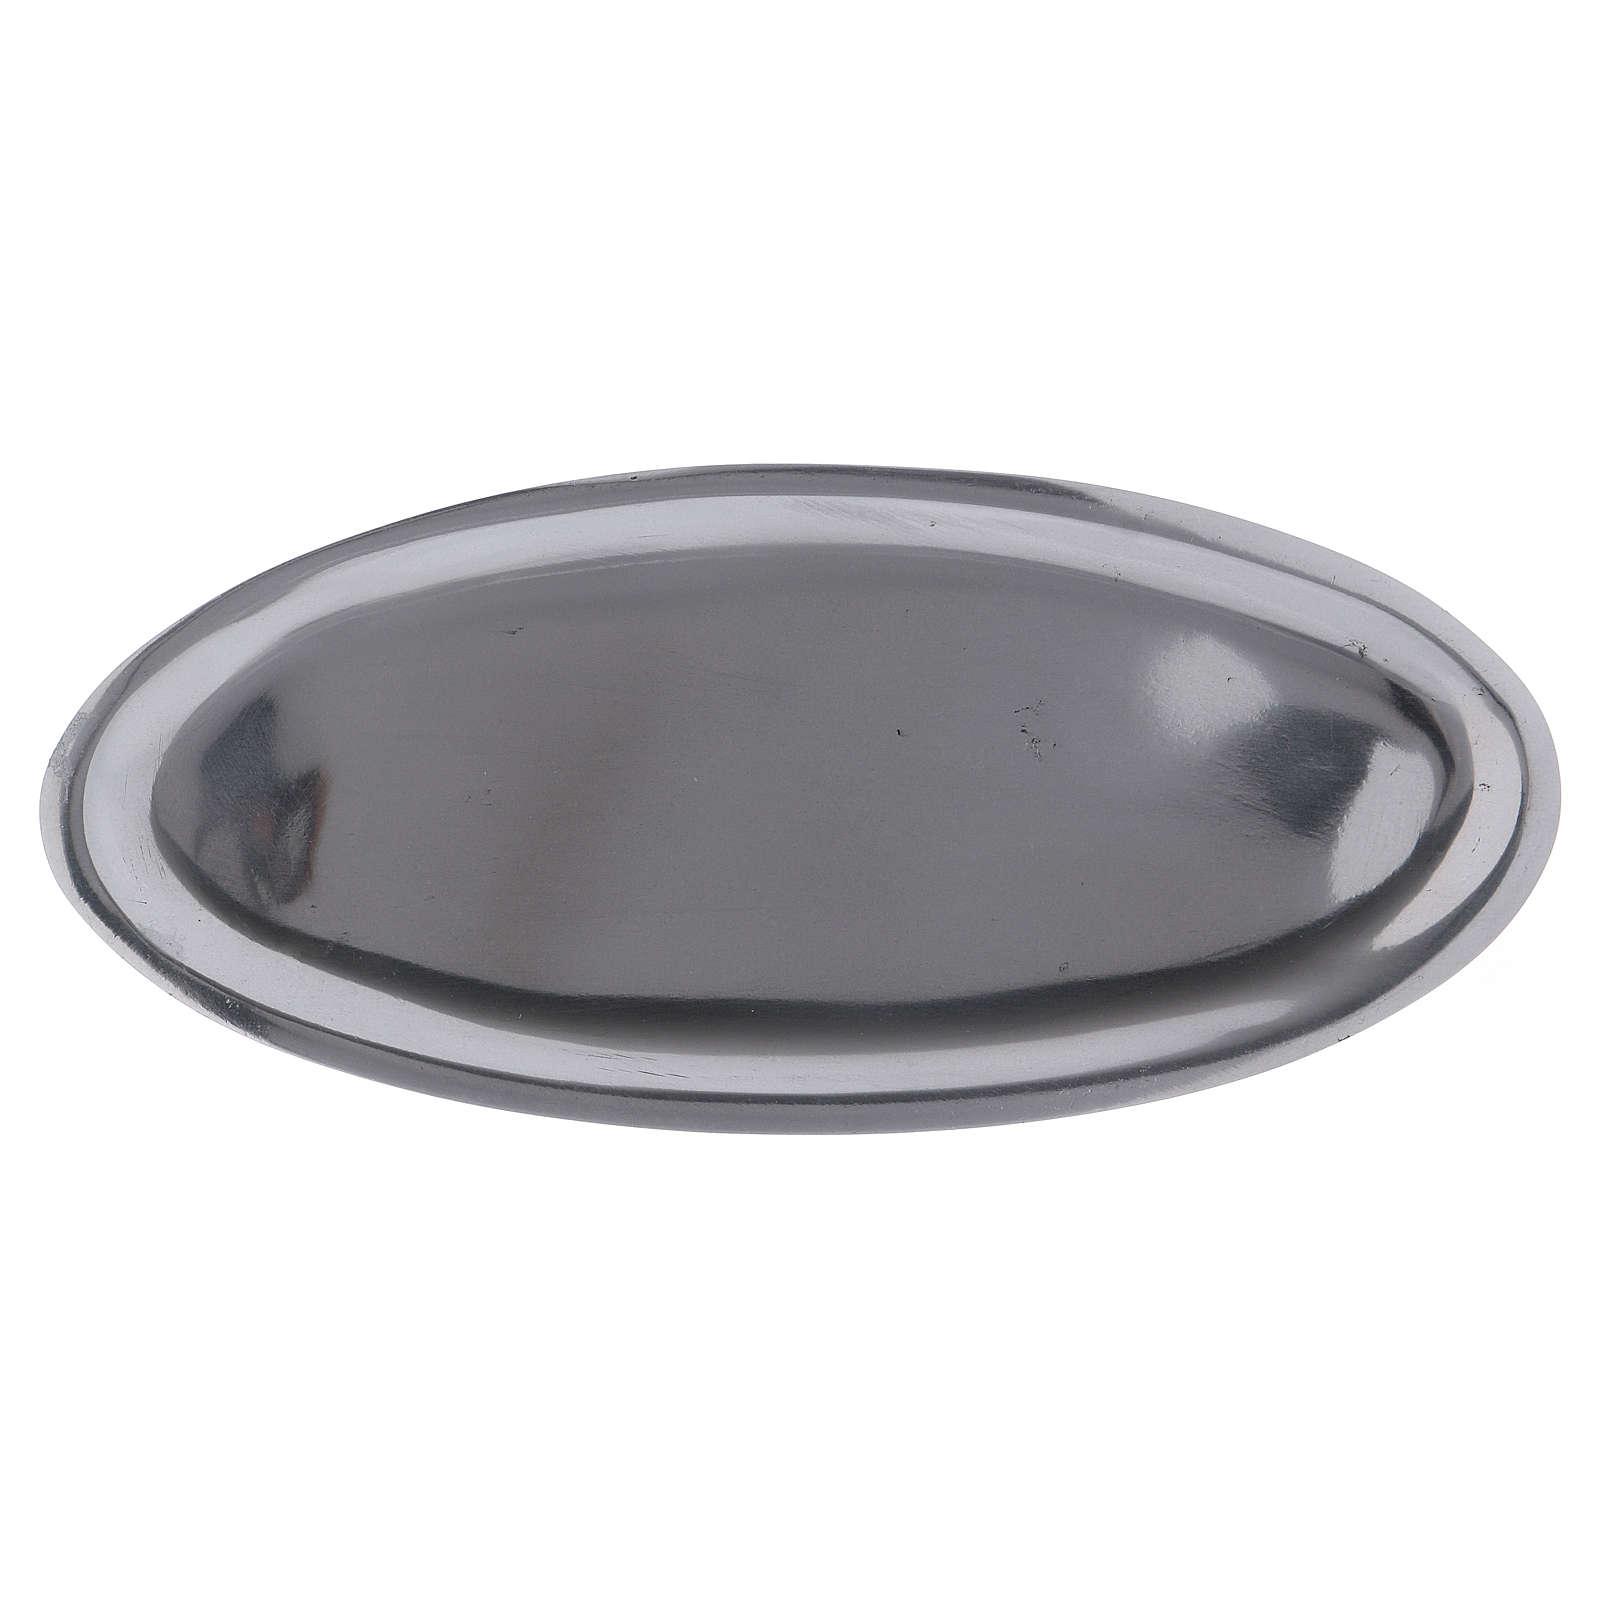 Piatto portacandele ovale in alluminio argento lucido 16x7 cm 3